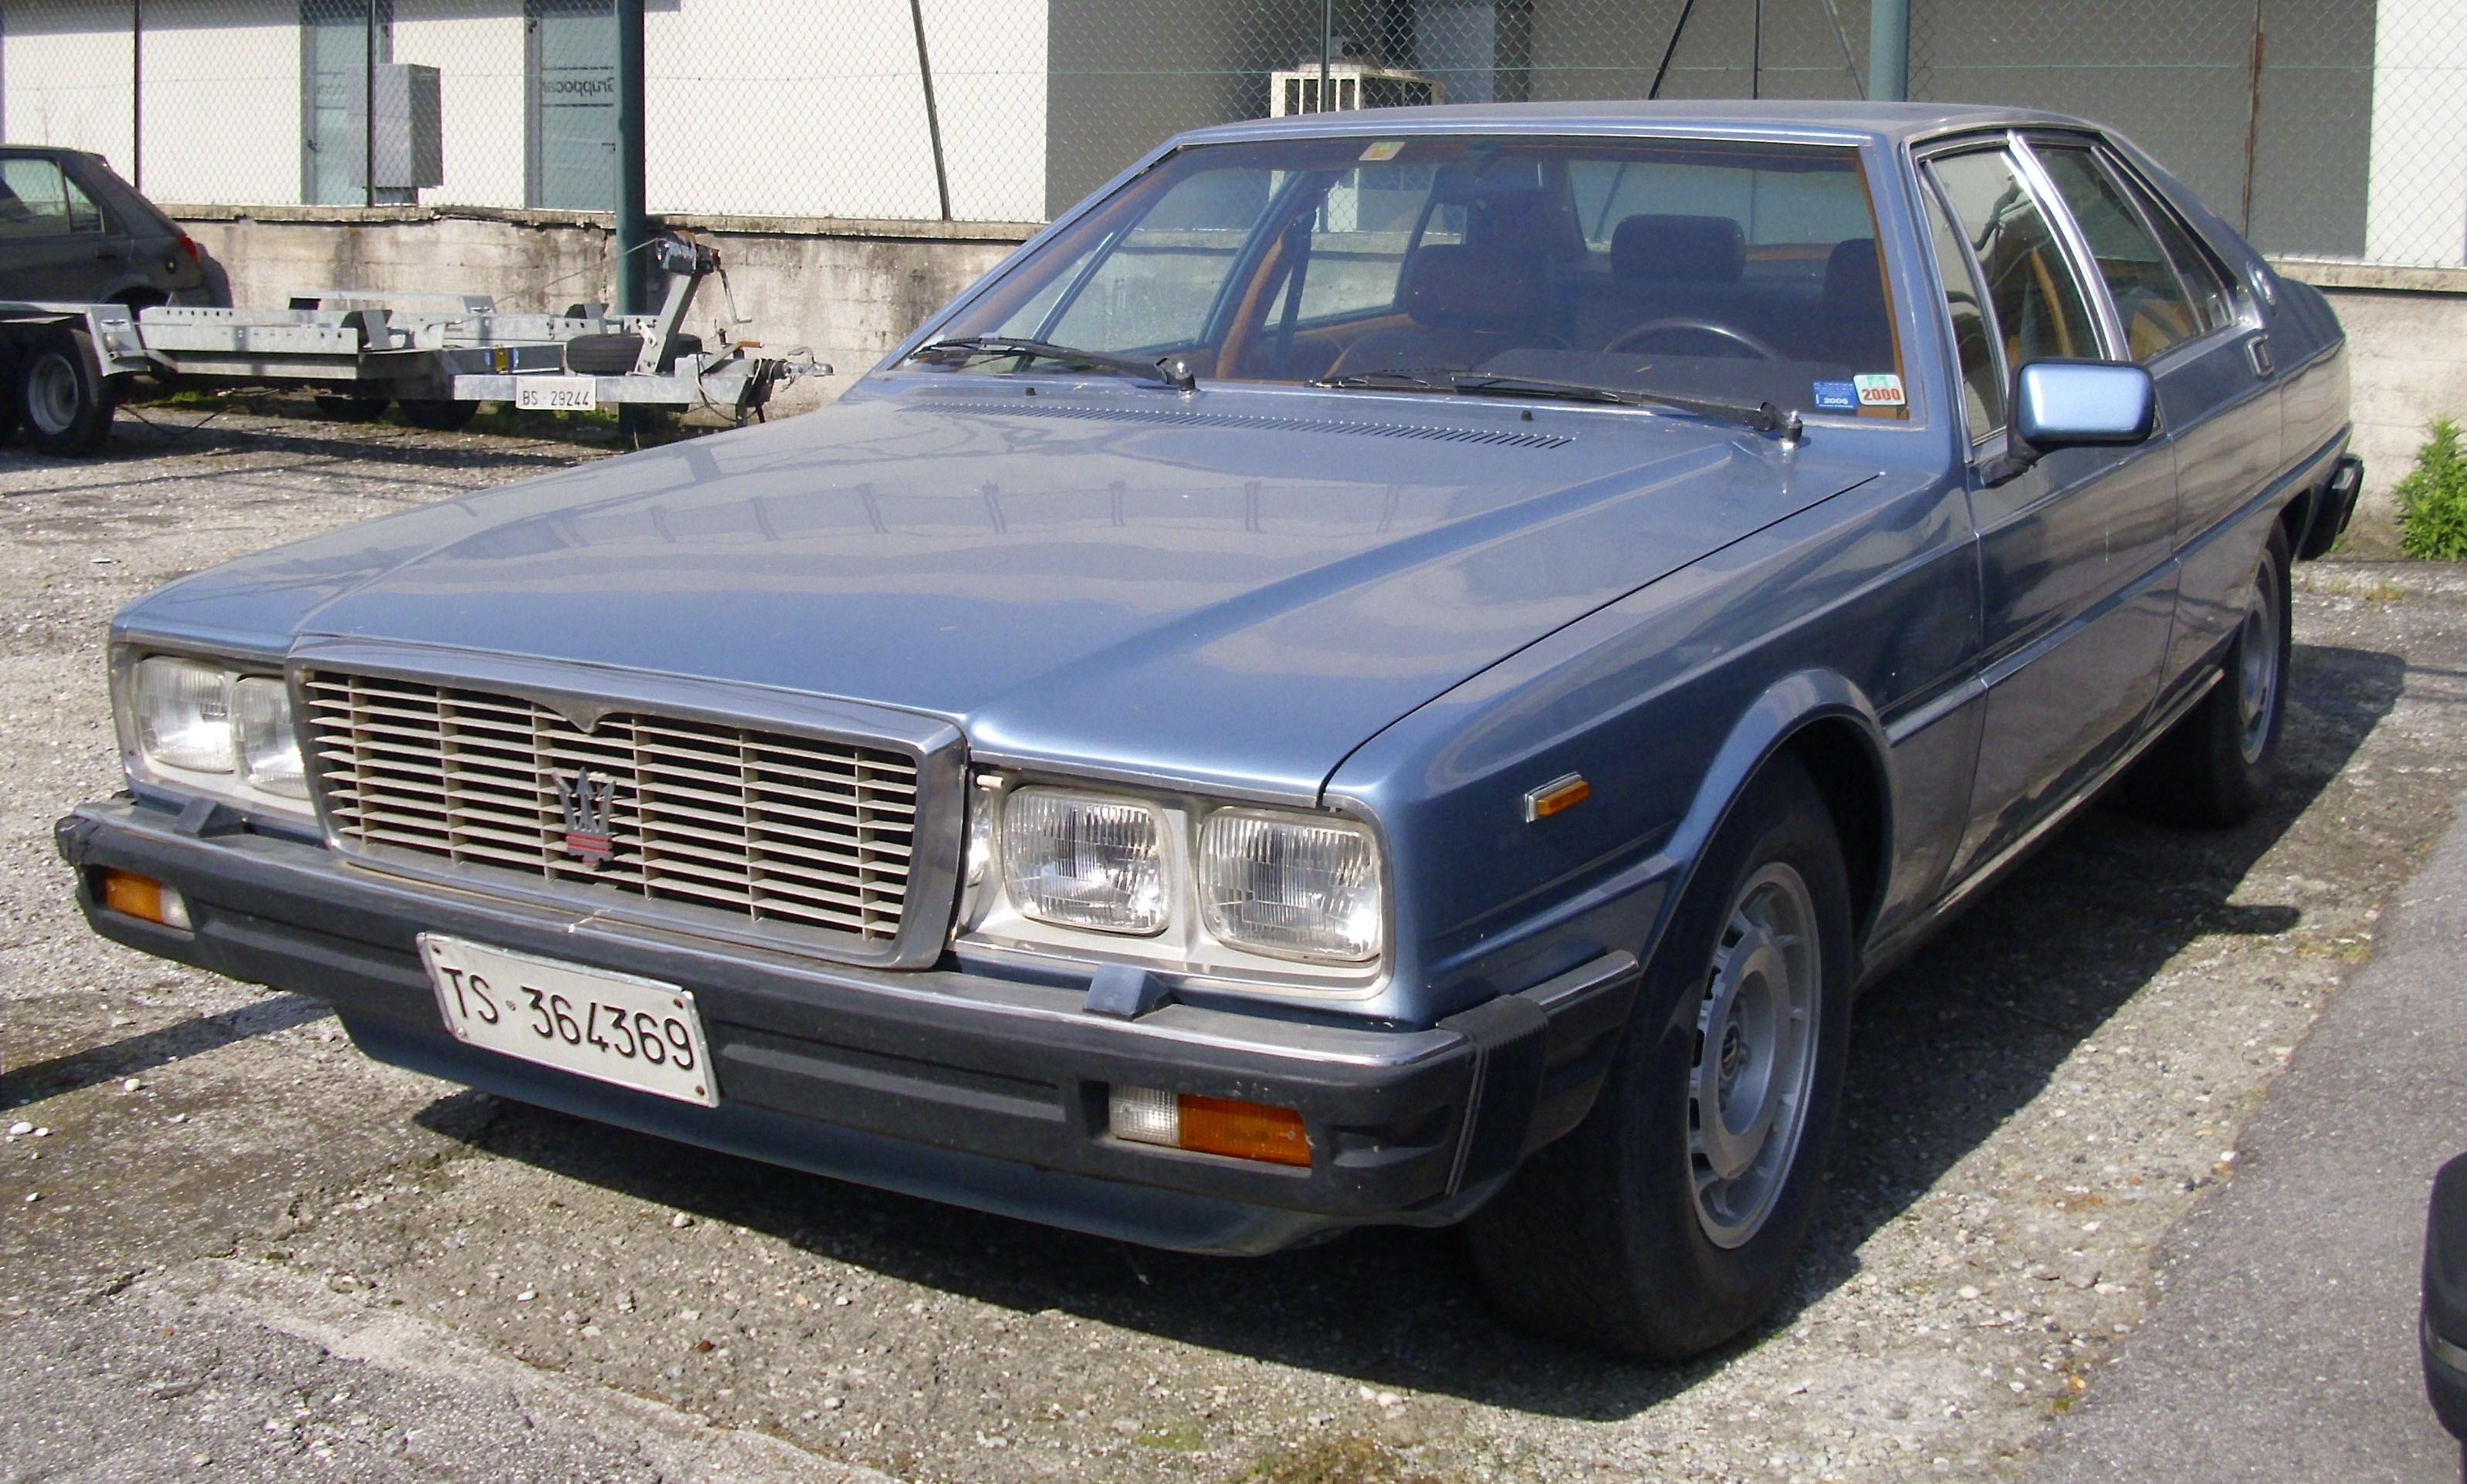 Maserati Quattroporte 1979 schräg von vorn.JPG